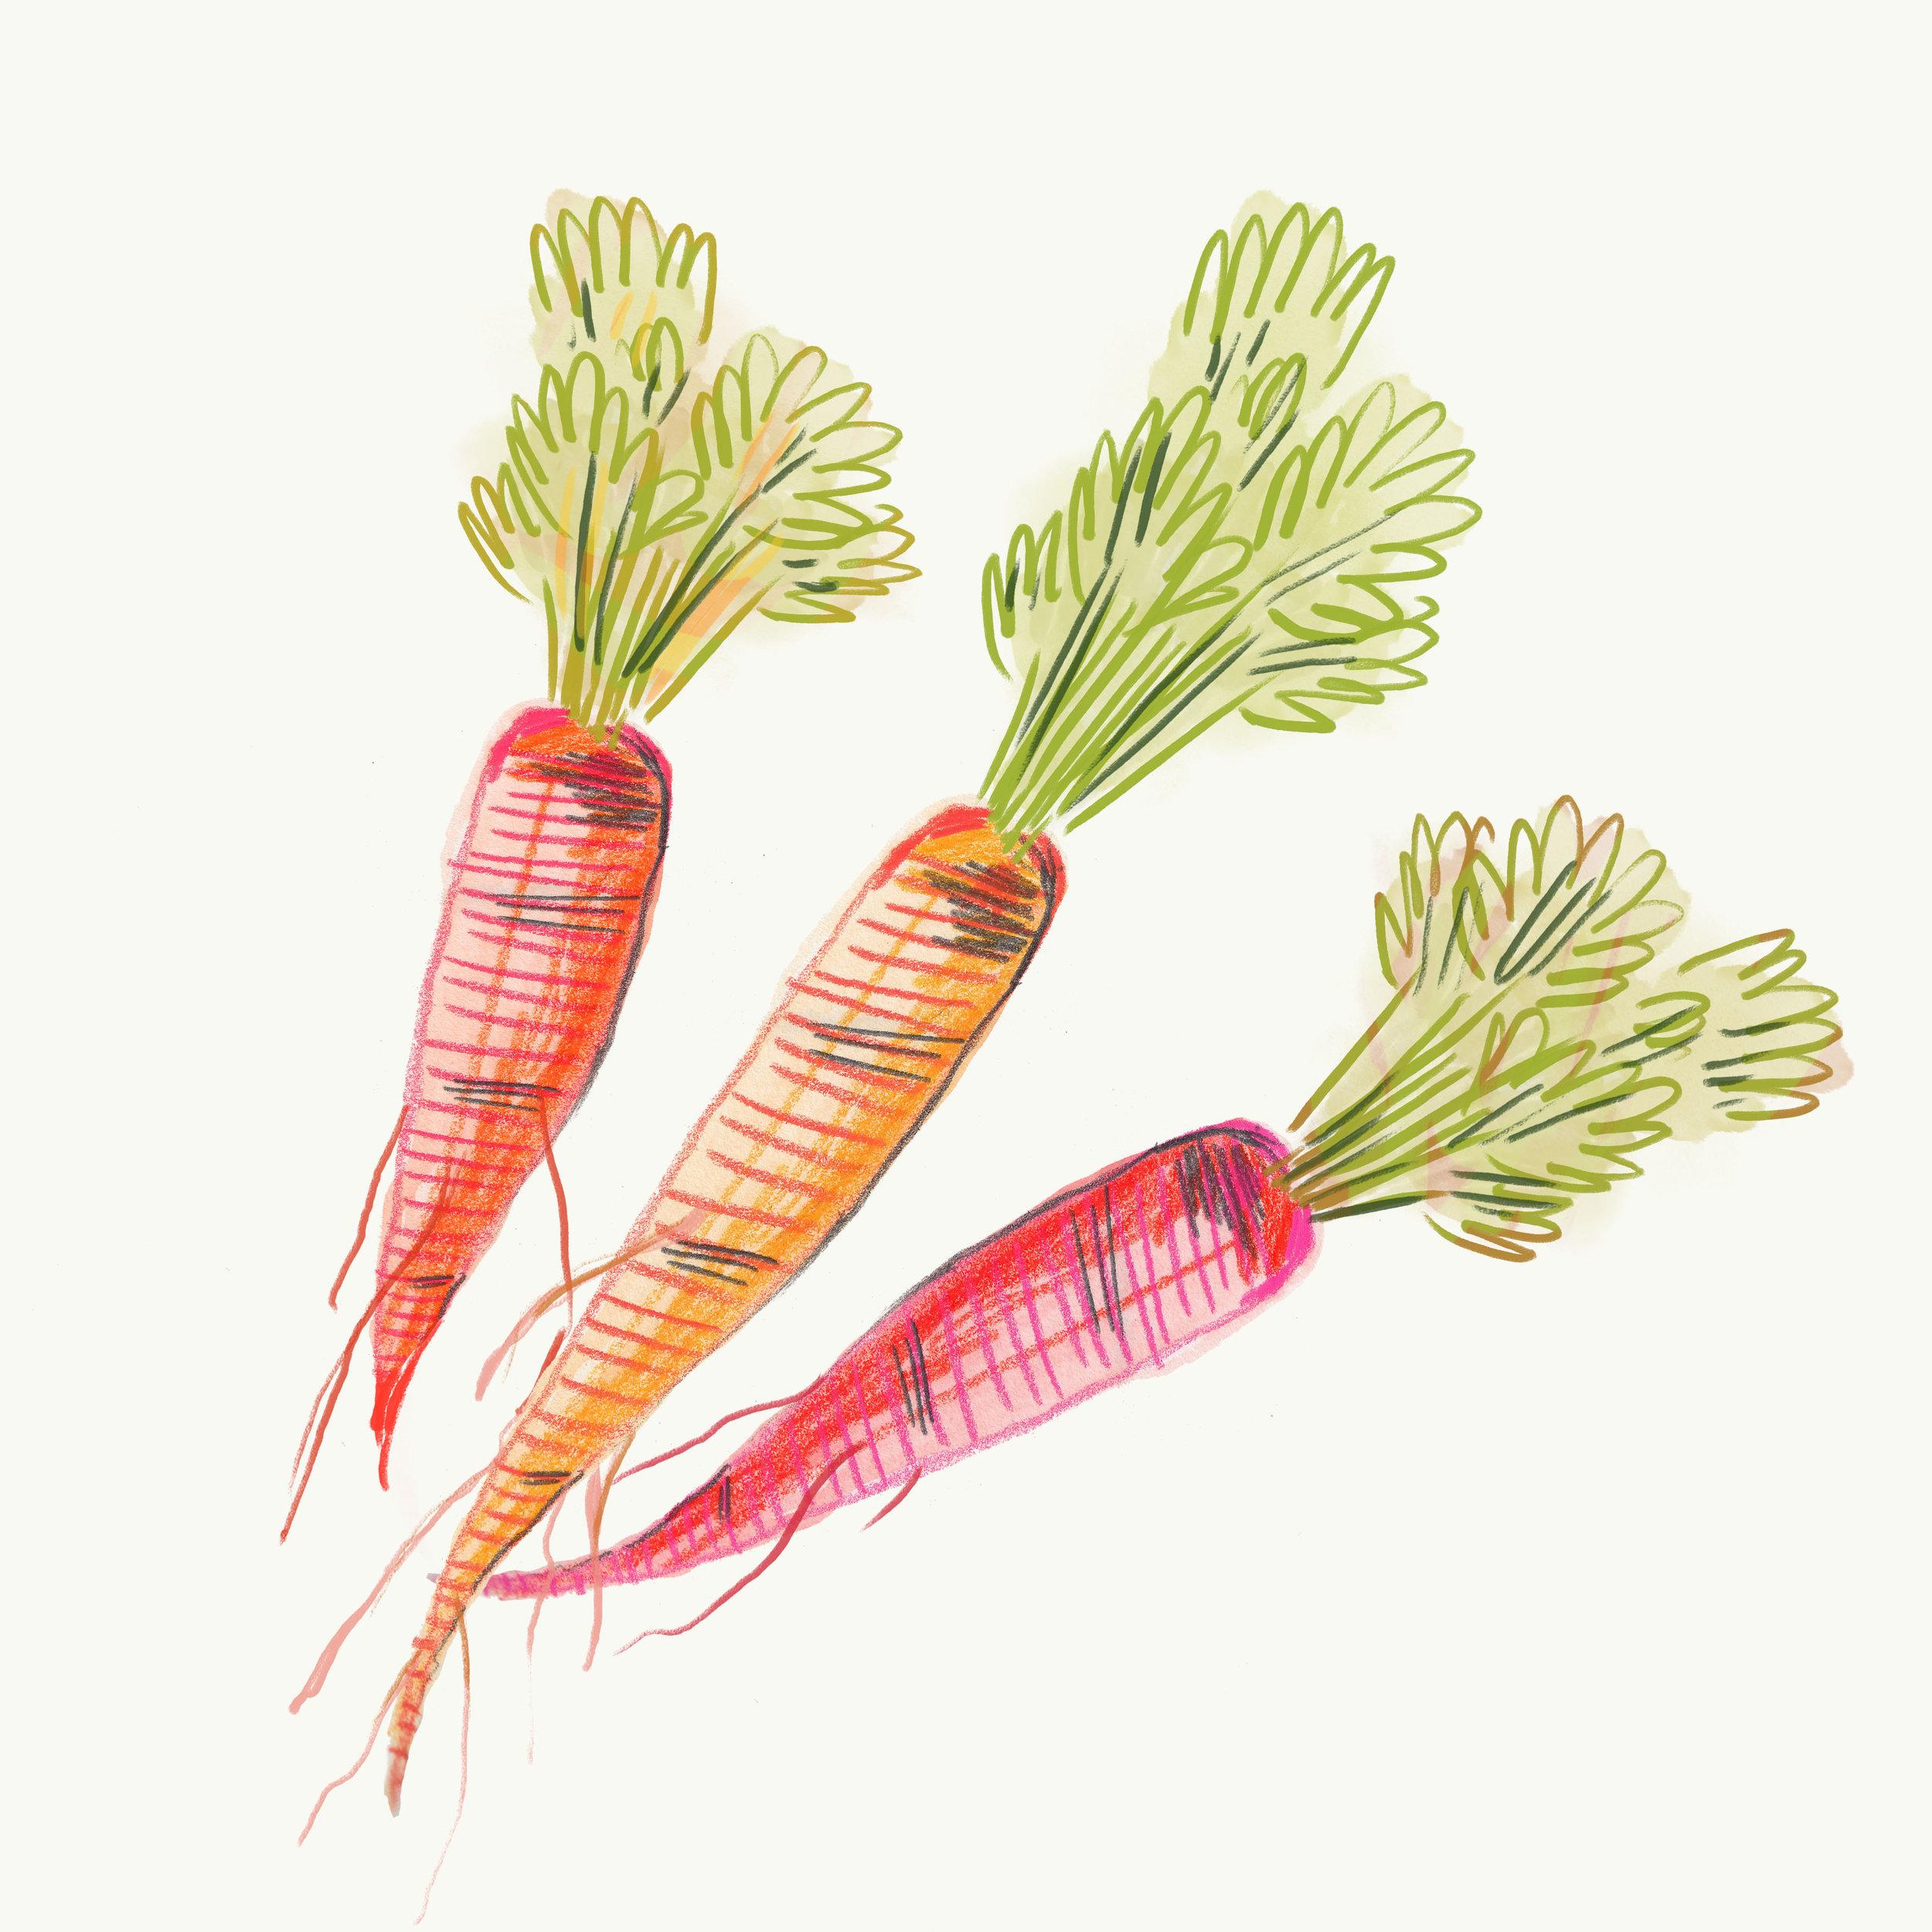 012-Carrot.jpg